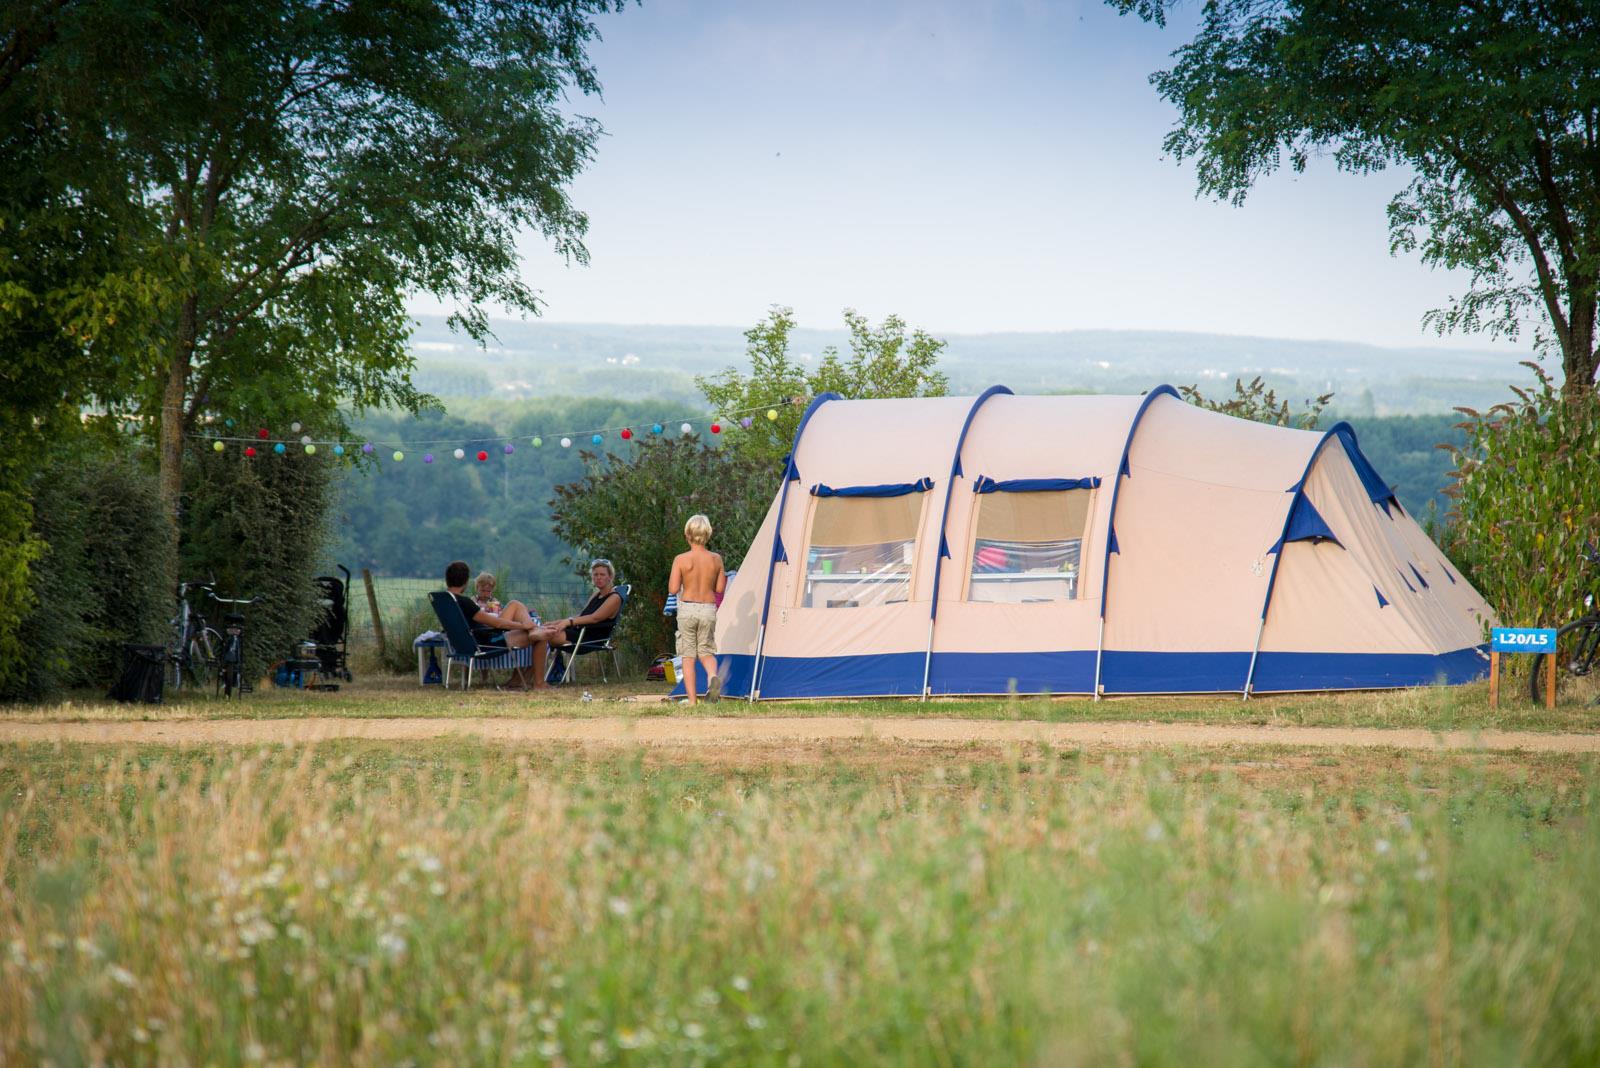 Camping Huttopia Saumur, Saumur, Maine-et-Loire